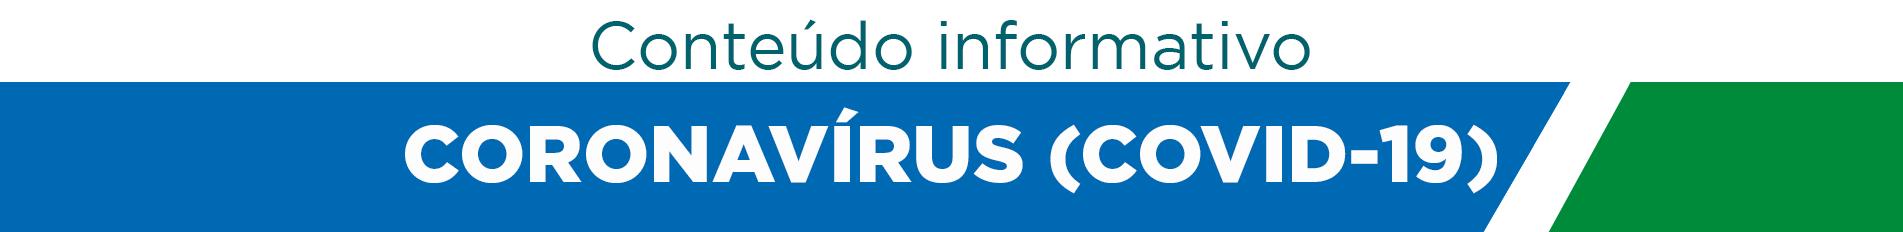 Acompanhe o Boletim - Informe Epidemiológico Coronavírus (COVID-19) da Secretaria do Estado do PR